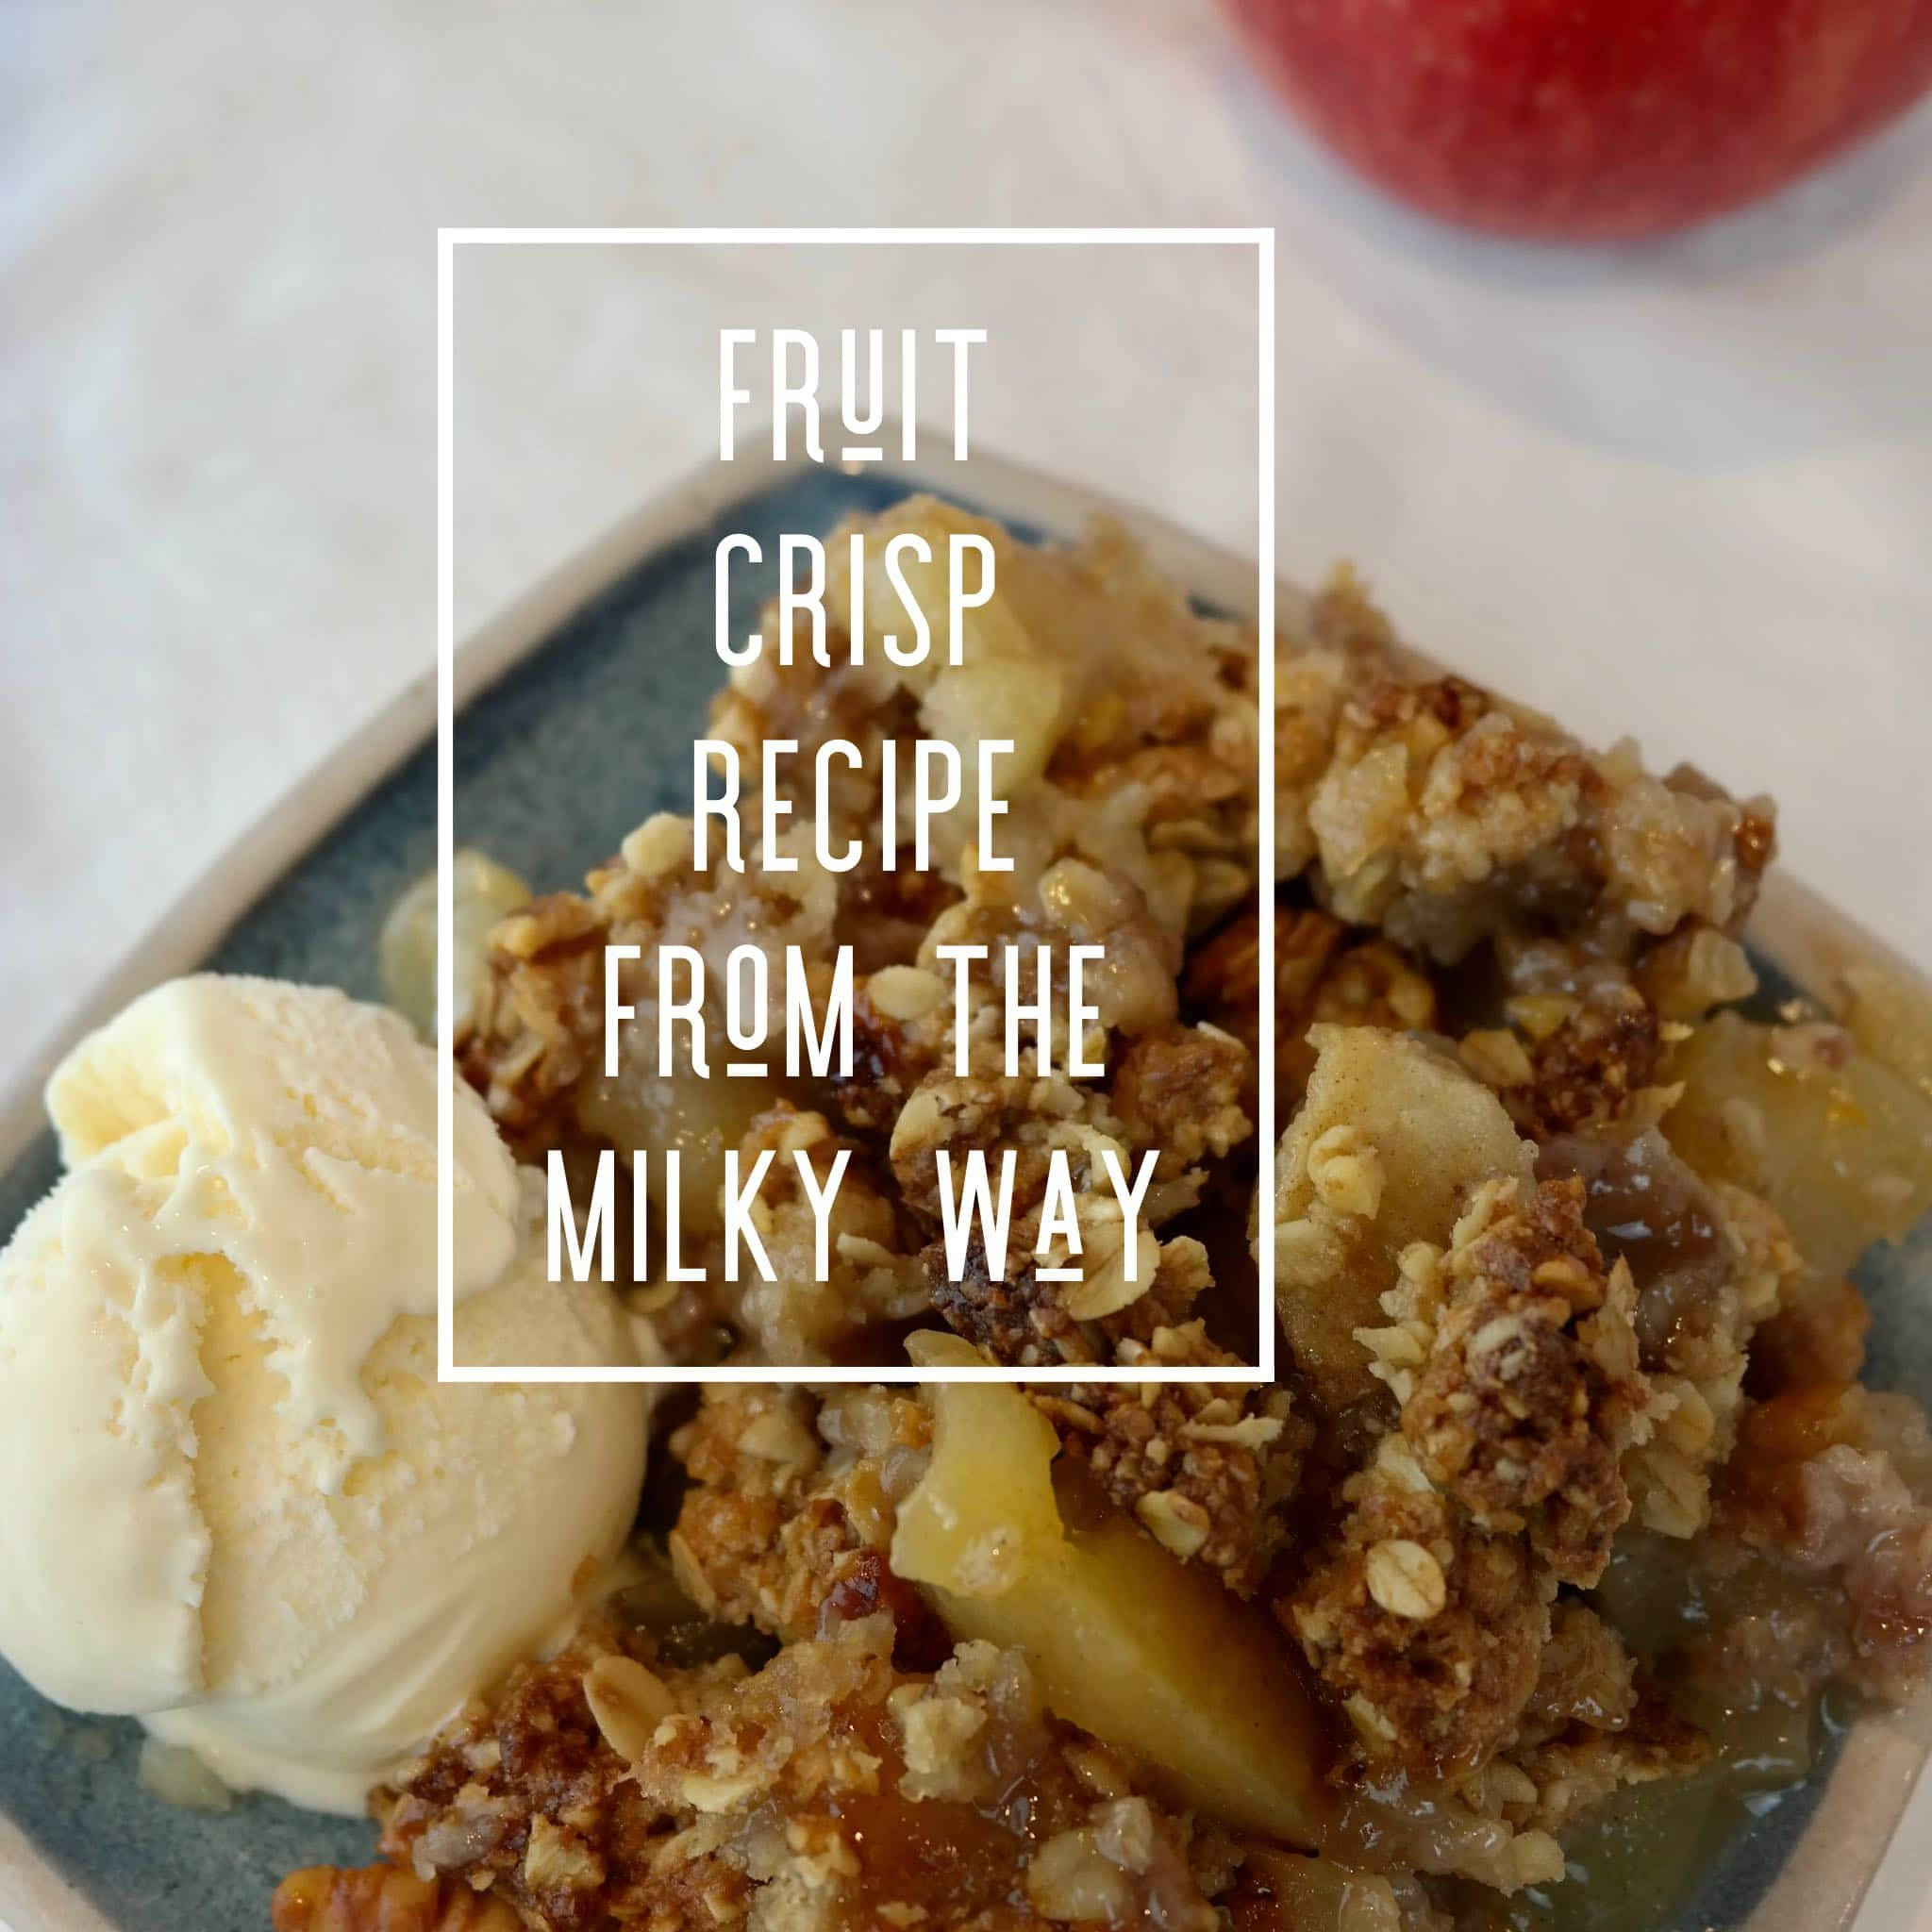 Milky Way fruit crisp featured image